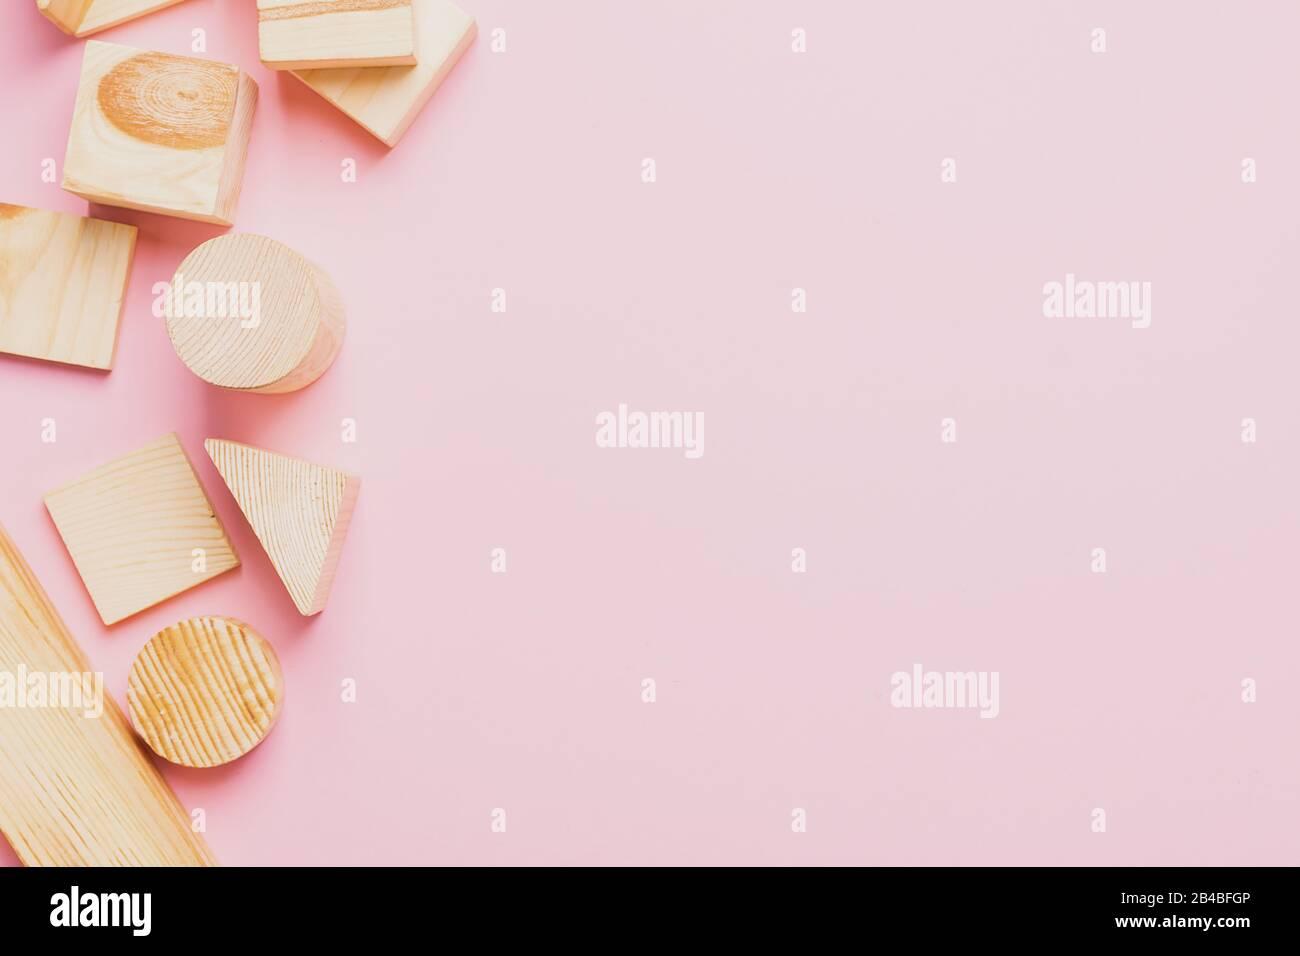 Juguetes de madera para niños sobre un concepto de fondo rosa cero al oeste. Marco de cubos en desarrollo. Espacio de copia. Diseño plano de vista superior. Foto de stock